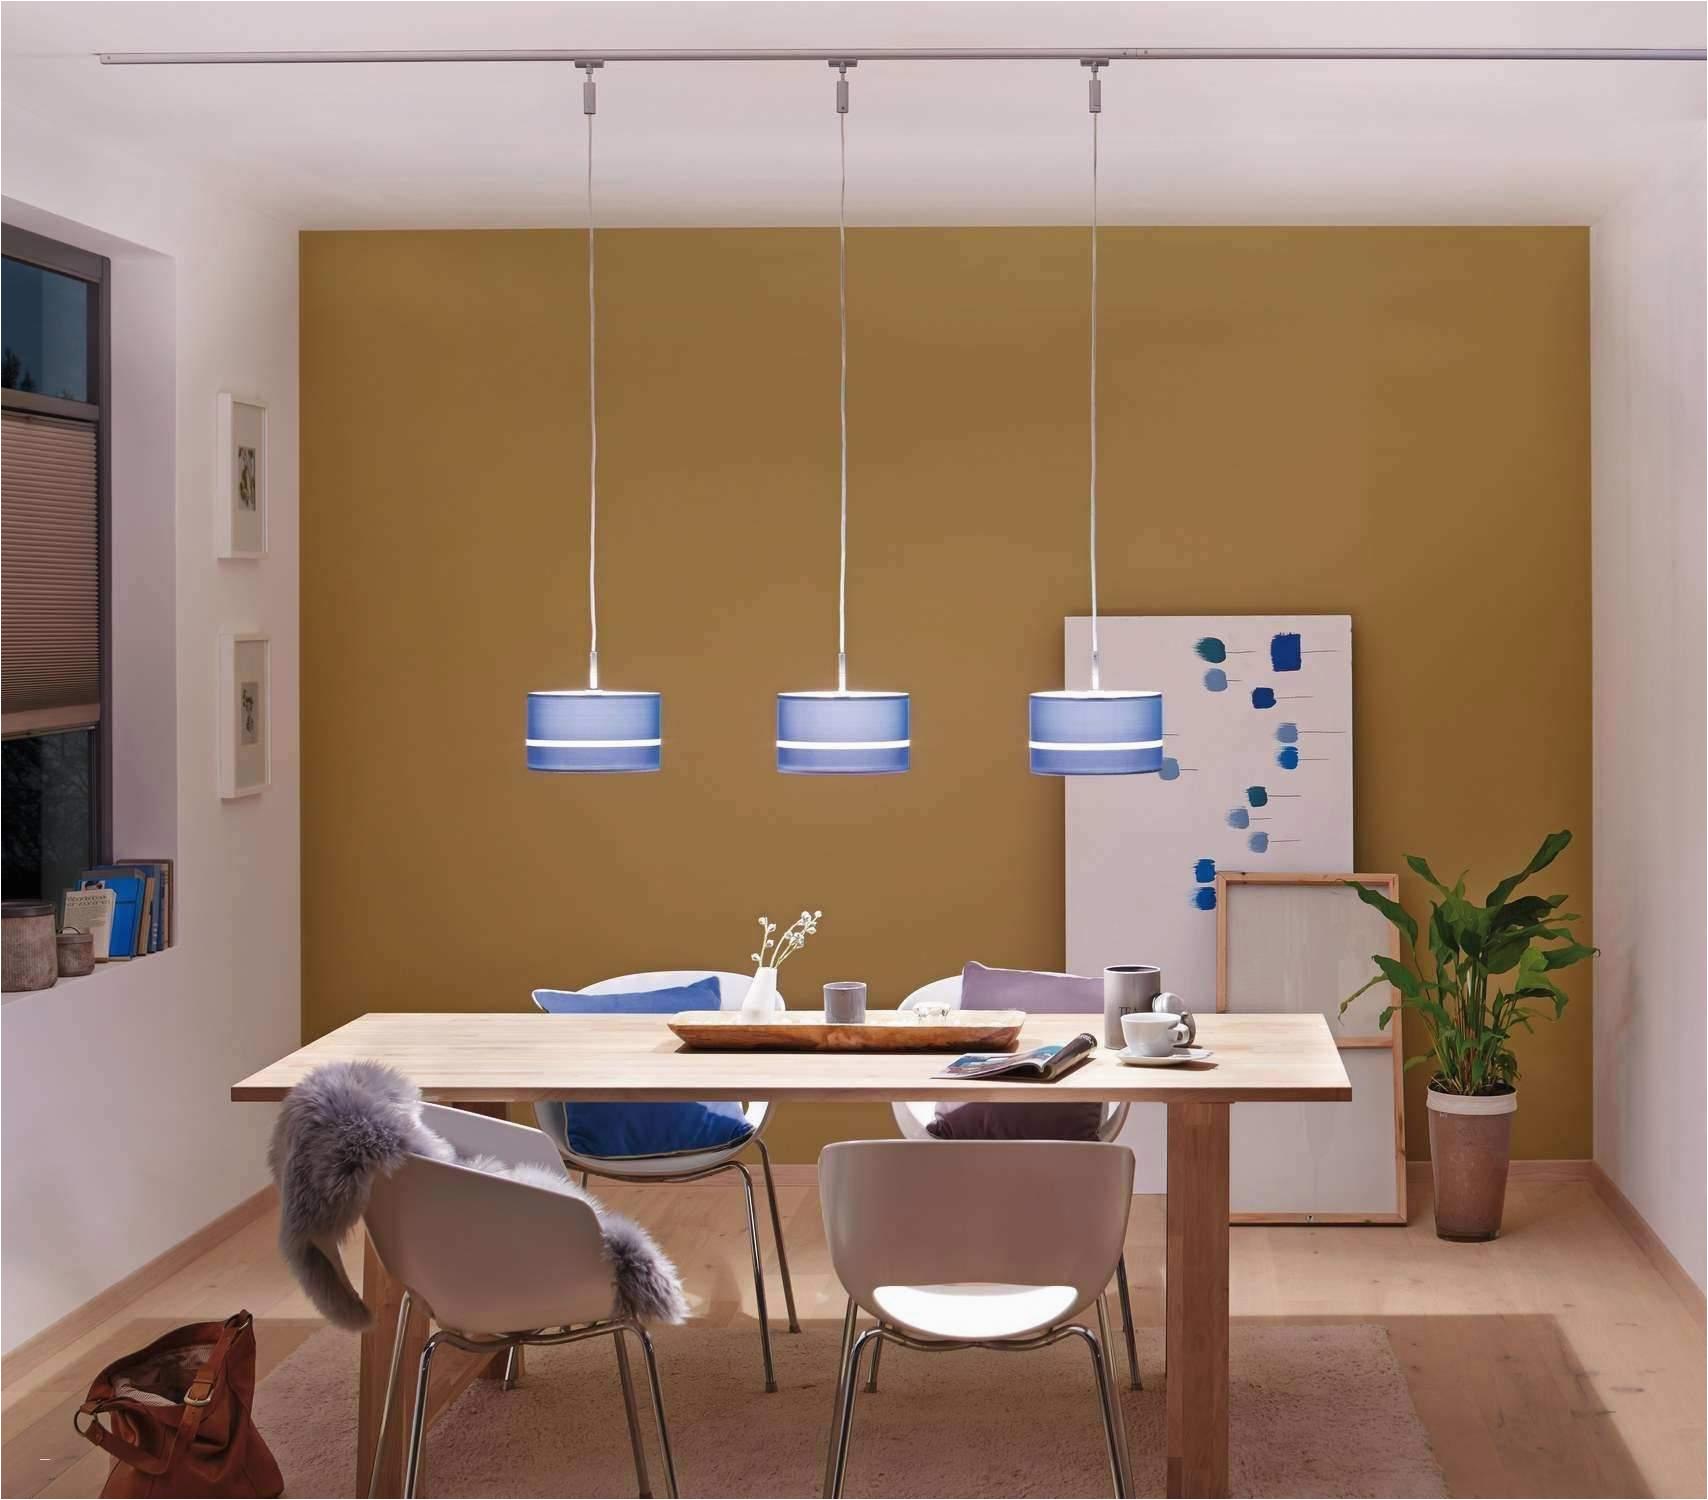 wohnzimmer deckenlampen frisch deckenlampe wohnzimmer led neu led beleuchtung schlafzimmer of wohnzimmer deckenlampen